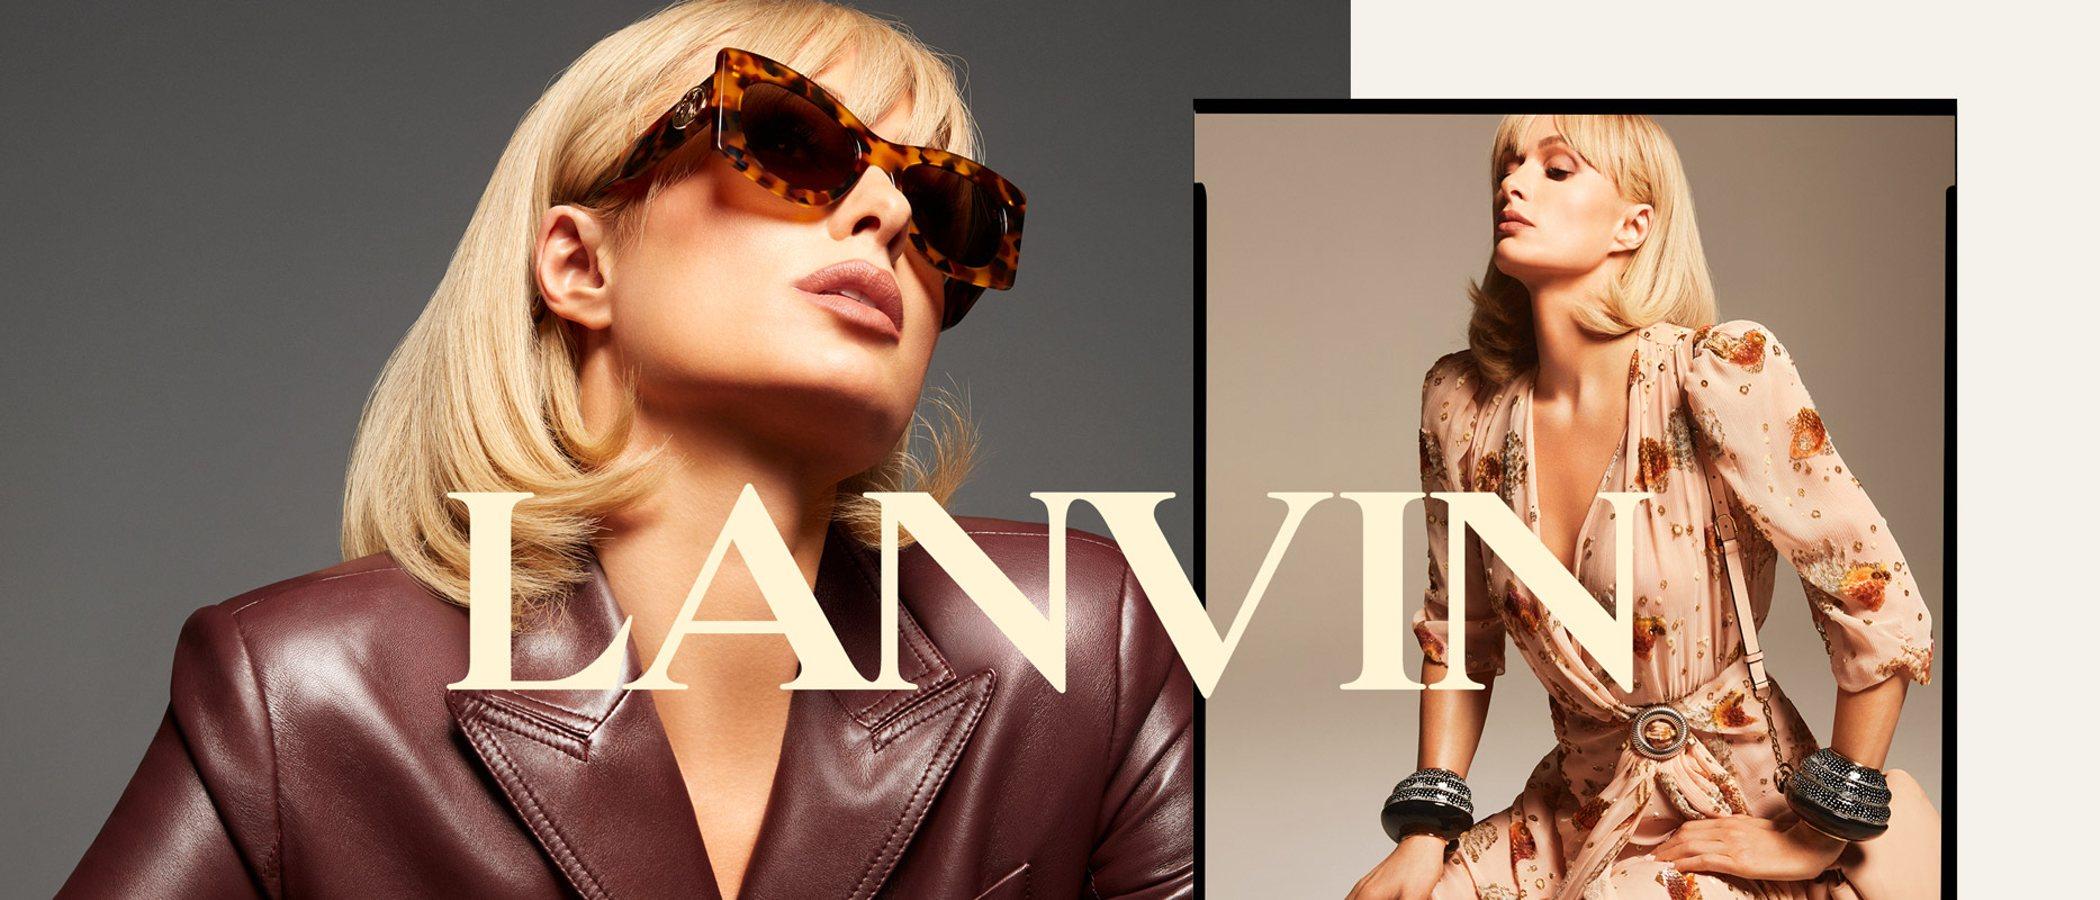 El renacer de Paris Hilton protagoniza la última campaña de Lanvin